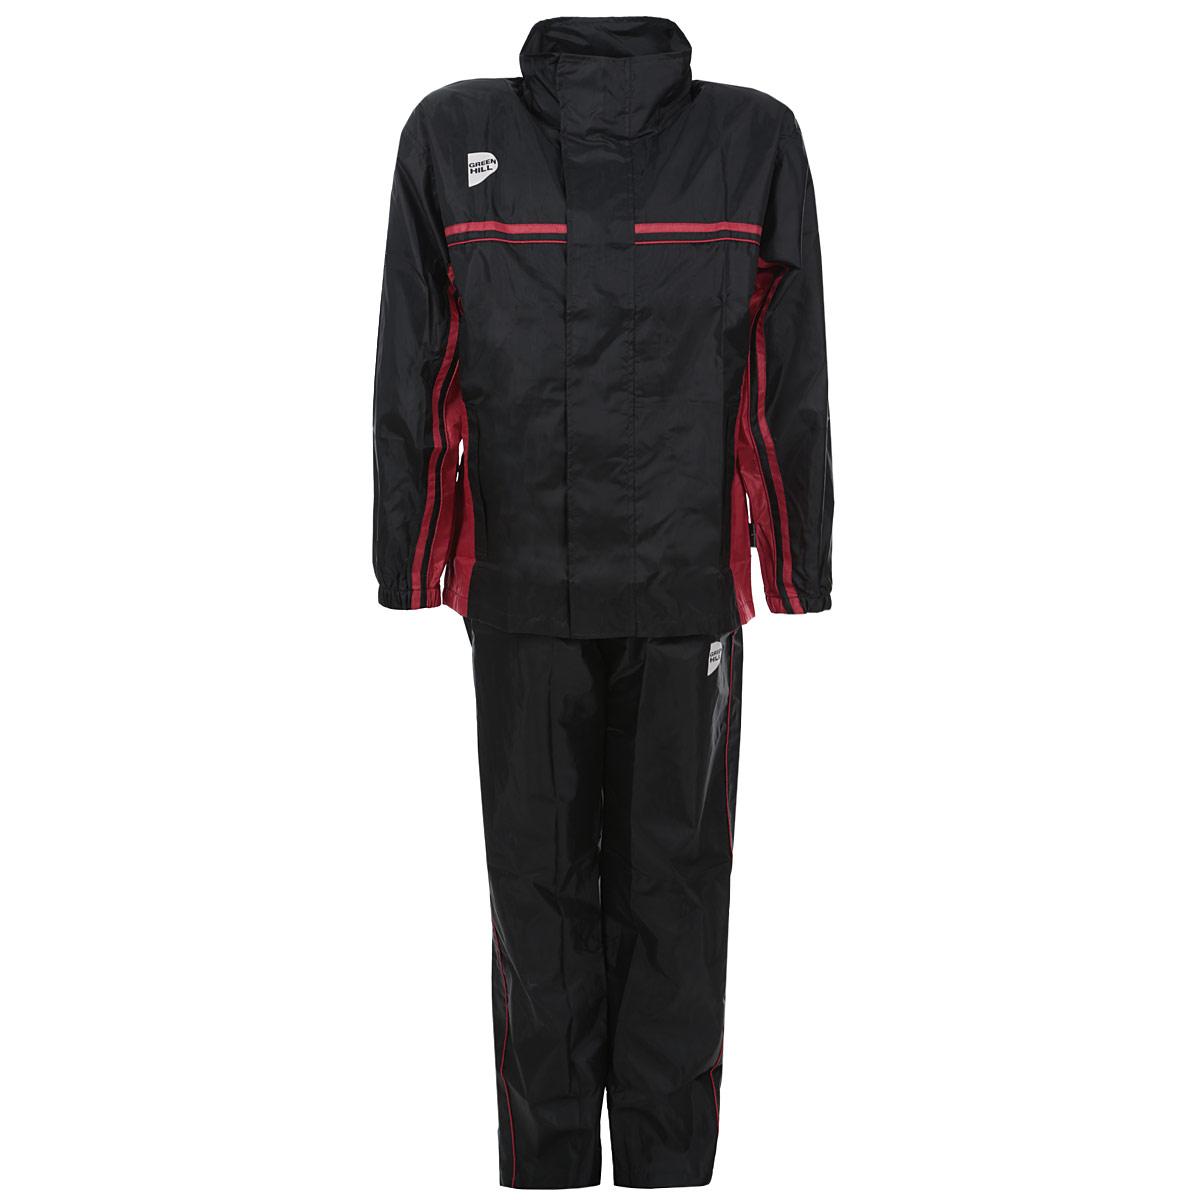 Костюм-сауна Green Hill, цвет: черный, красный. Размер 48SS-3661Костюм-сауна Green Hill предназначен для интенсивного сброса веса во время тренировок. Костюм выполнен из полиэстера черного цвета с красными вставками. Состоит из штанов и куртки с длинным рукавом. Пояс и манжеты куртки и штанов на резинках, что обеспечивает более плотное прилегание к телу. Куртка застегивается на застежку-молнию и липучки, имеет капюшон, убирающийся в воротник, и два кармана на молнии. Брюки имеют шнурок на поясе, а также карманы на молнии. Во время физических тренировок костюм создает эффект сауны, что в свою очередь эффективно воздействует на процесс сжигания жира. Поэтому в таком костюме лишний вес будет пропадать намного быстрее, чем в обычной спортивной одежде.